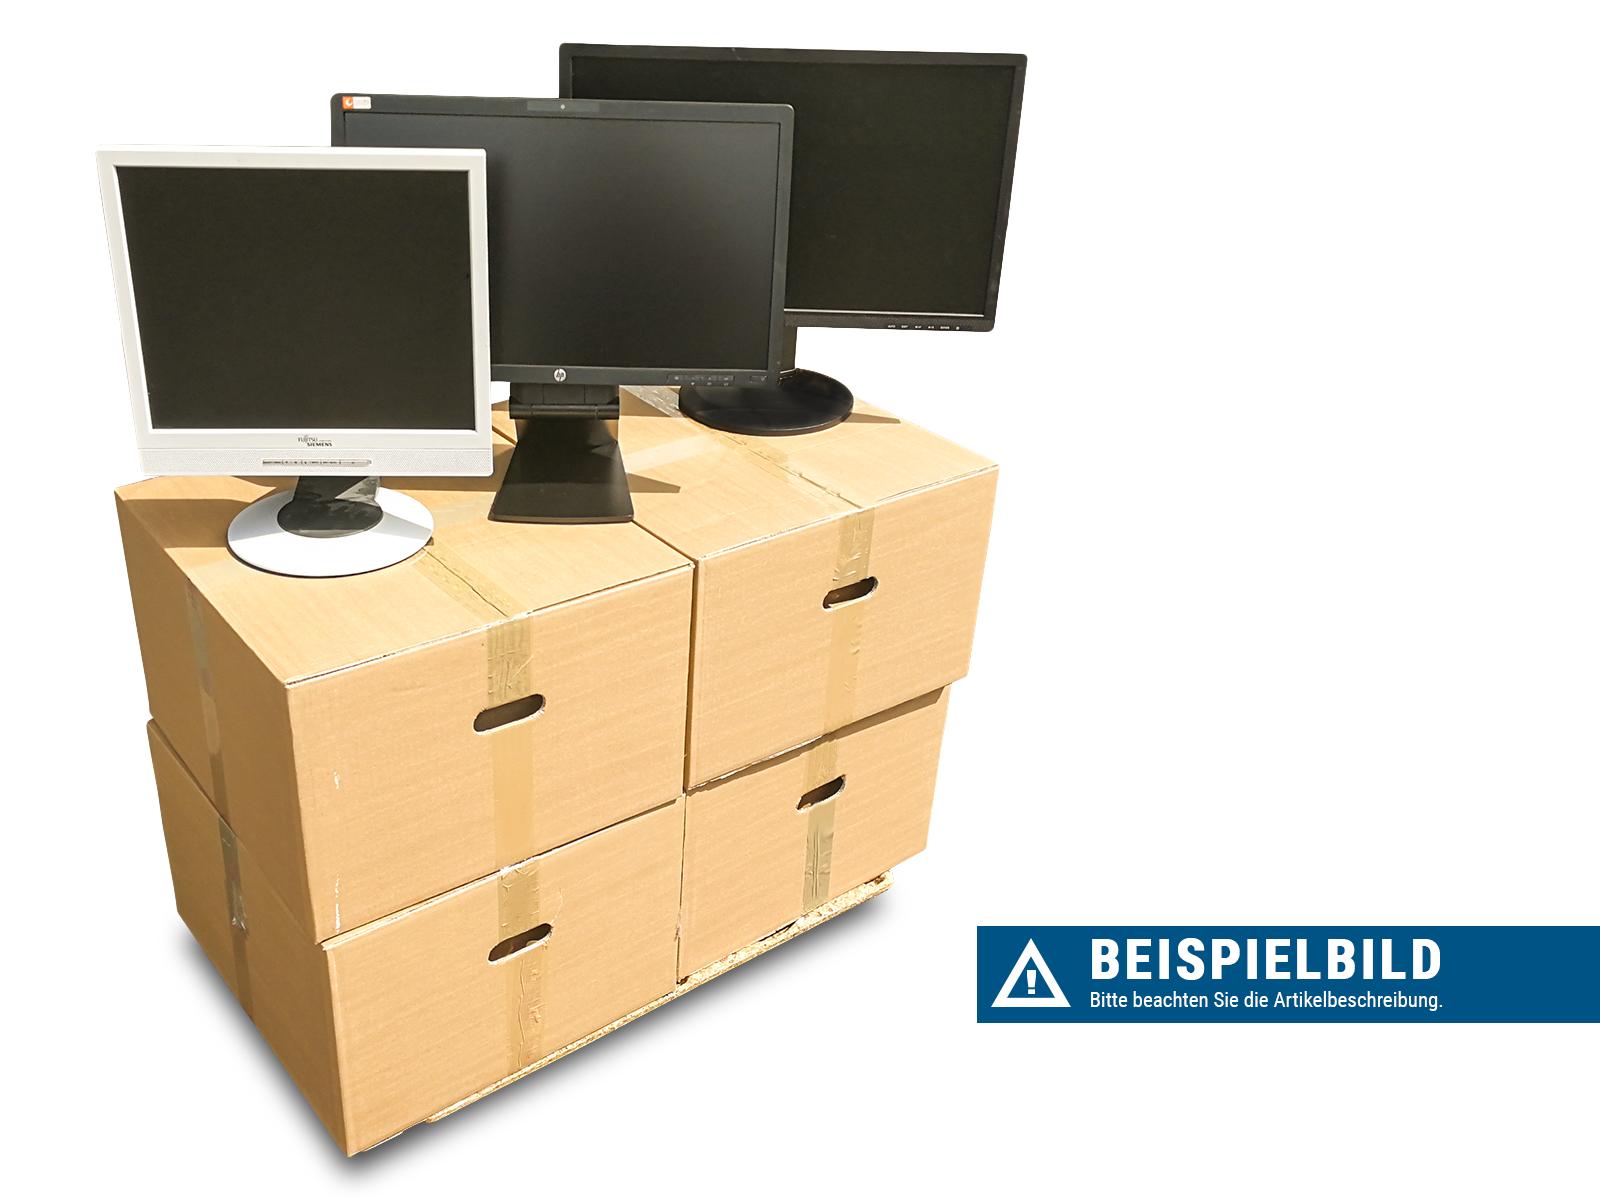 TFT PAKET: 16 Stück lt. Liste - Ohne Gewähr auf Vollständigkeit und Funktionsfähigkeit - Ungetestet direkt vom Endanwender - shop.bb-net.de